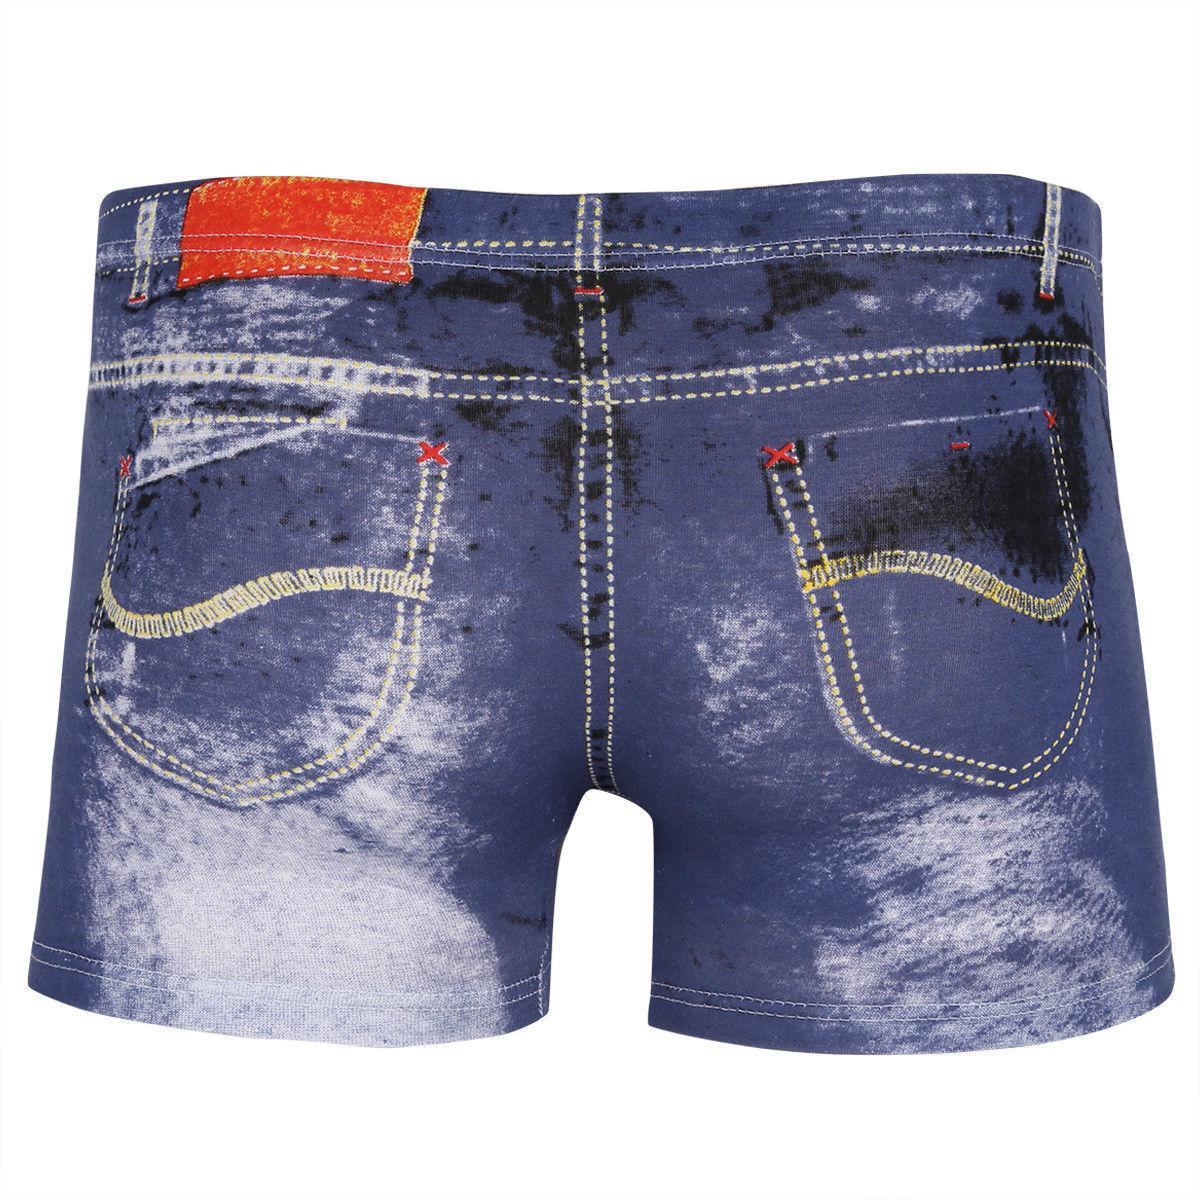 Plus Size Cotton Shorts Denim Boxer Trunks Briefs Underwear